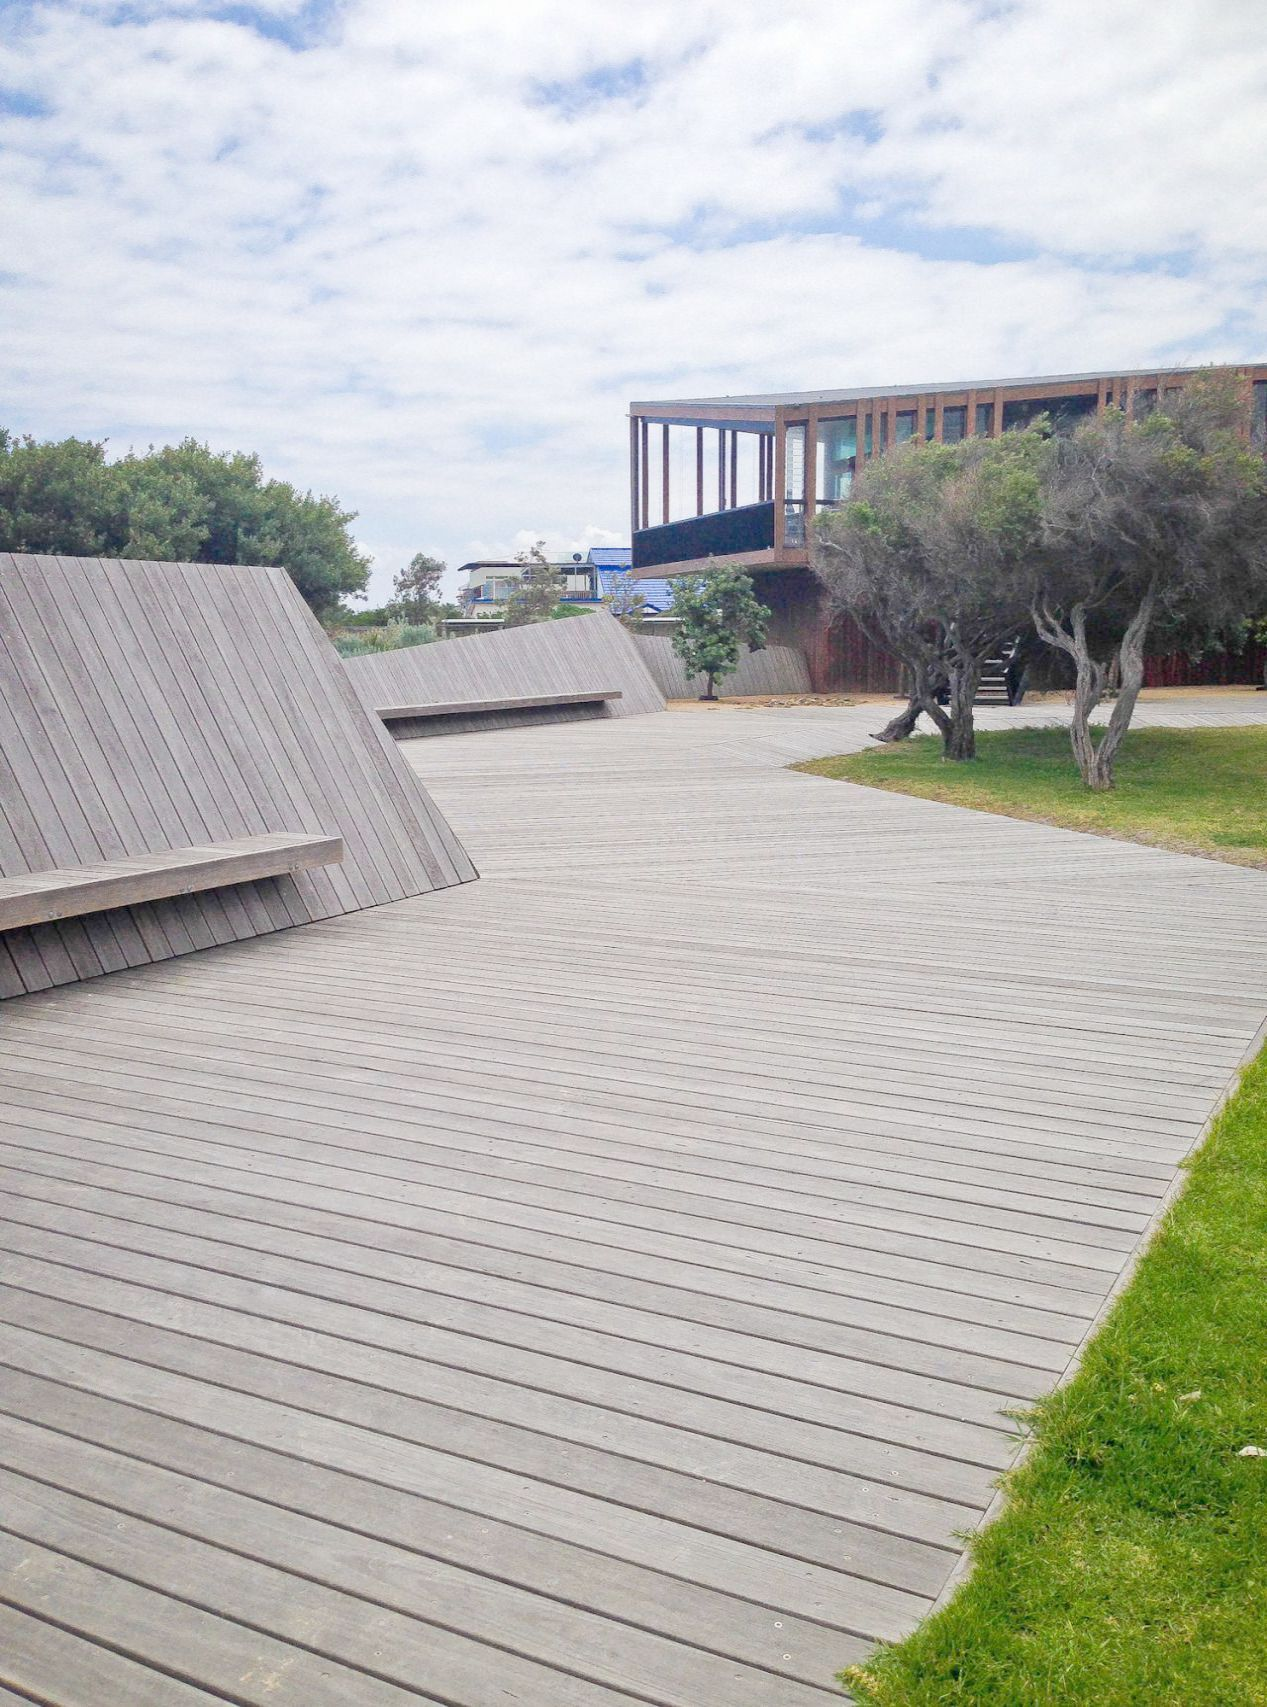 Landscape Architecture Design Methodology past Landscape